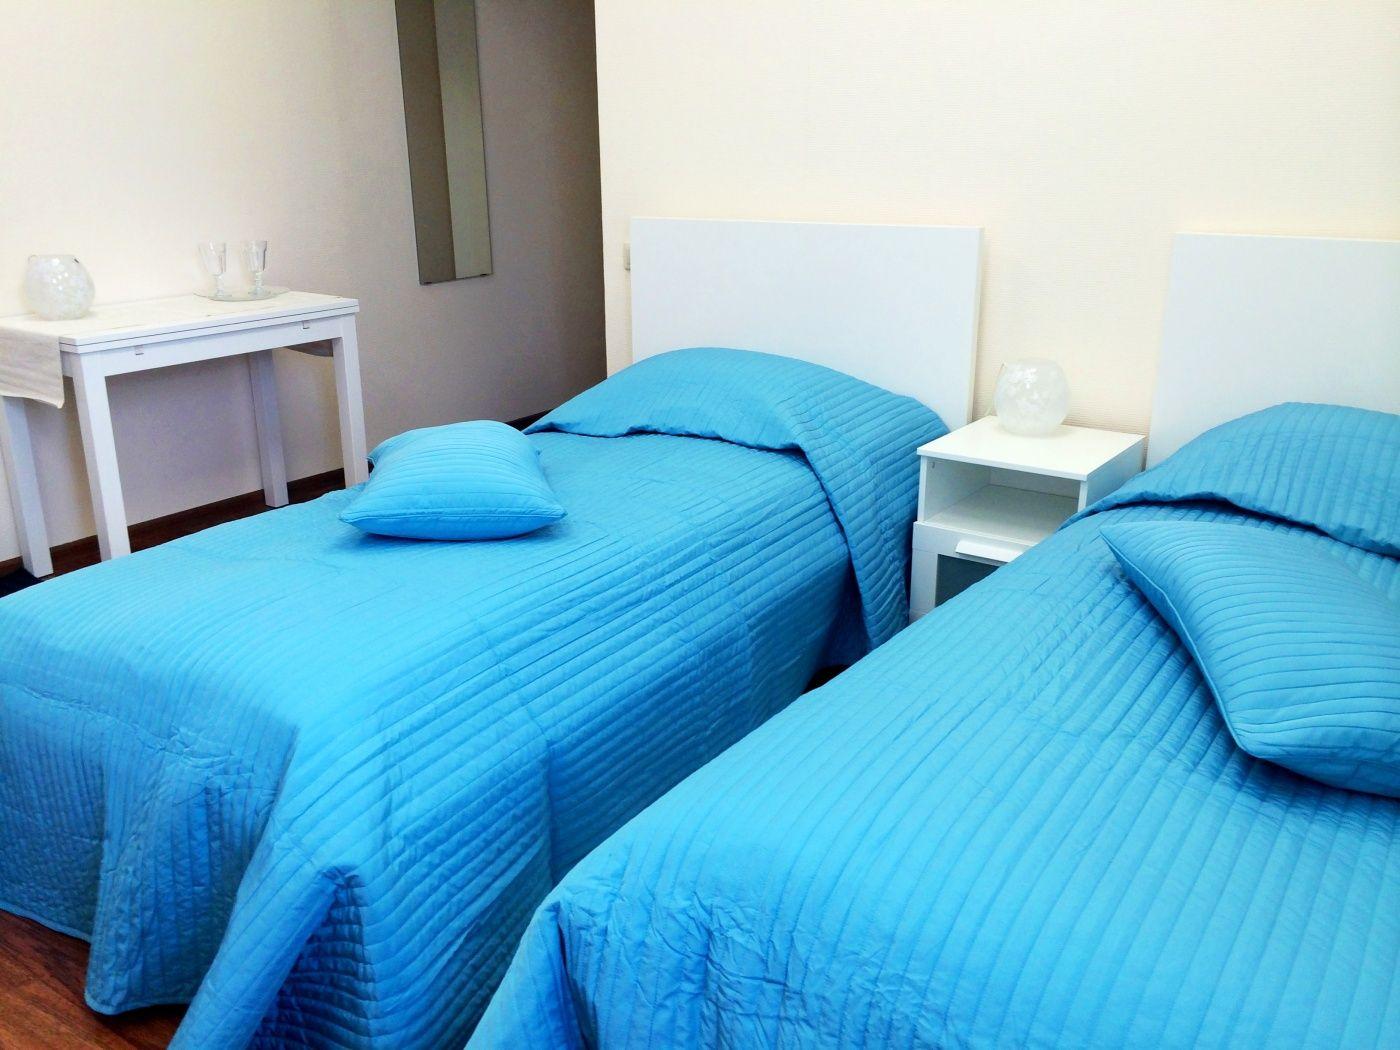 """База отдыха """"Спорт"""" Пермский край Номер с двумя раздельными кроватями в SPA Отеле, фото 2"""